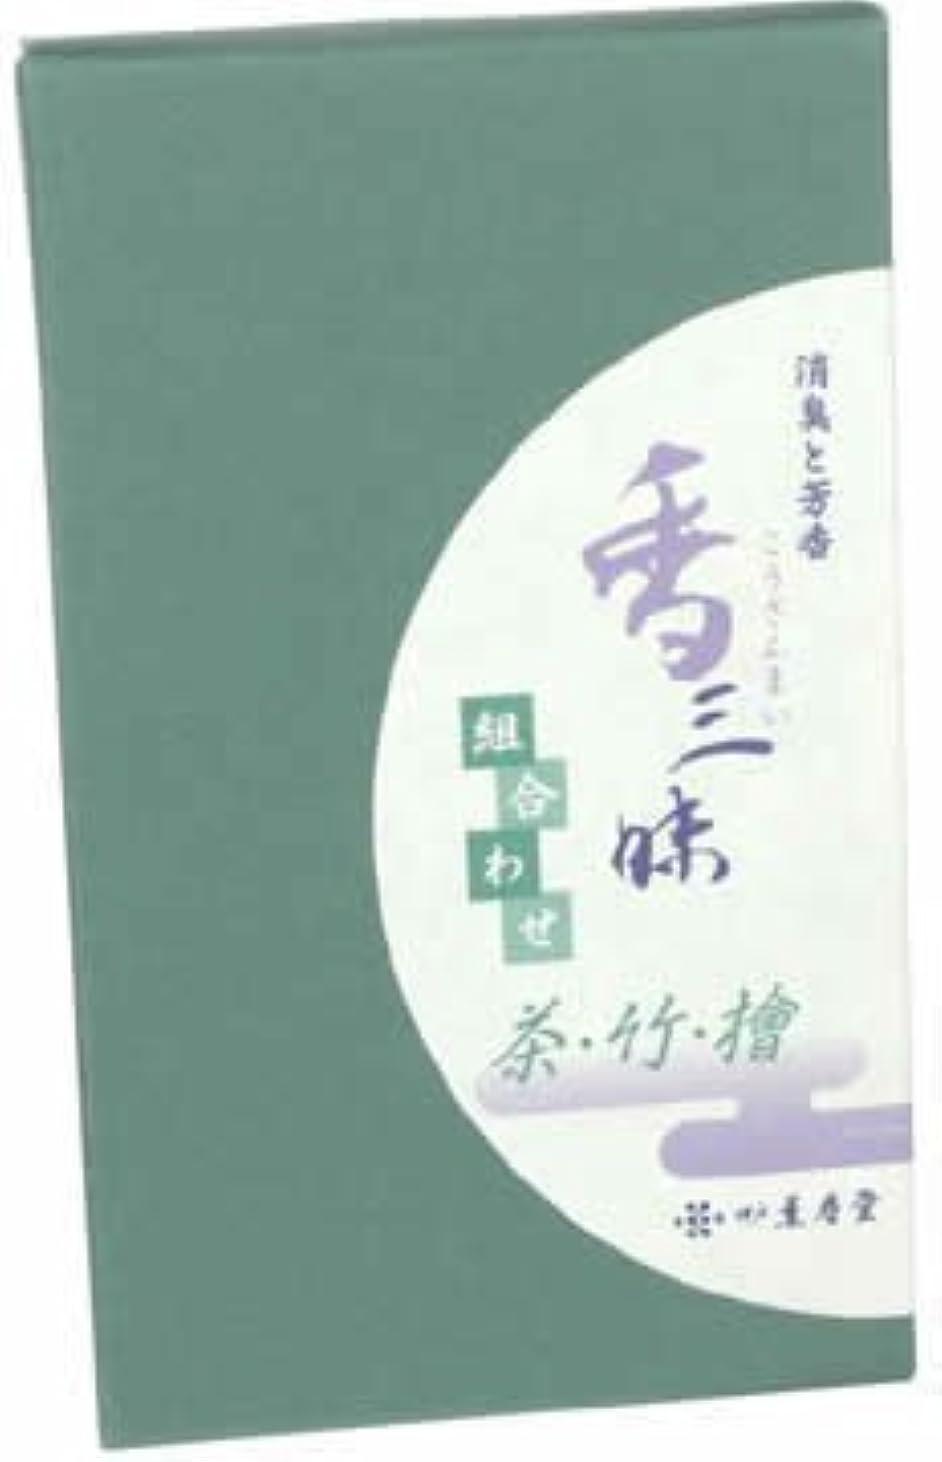 香三昧 組合せ(茶、竹、桧)